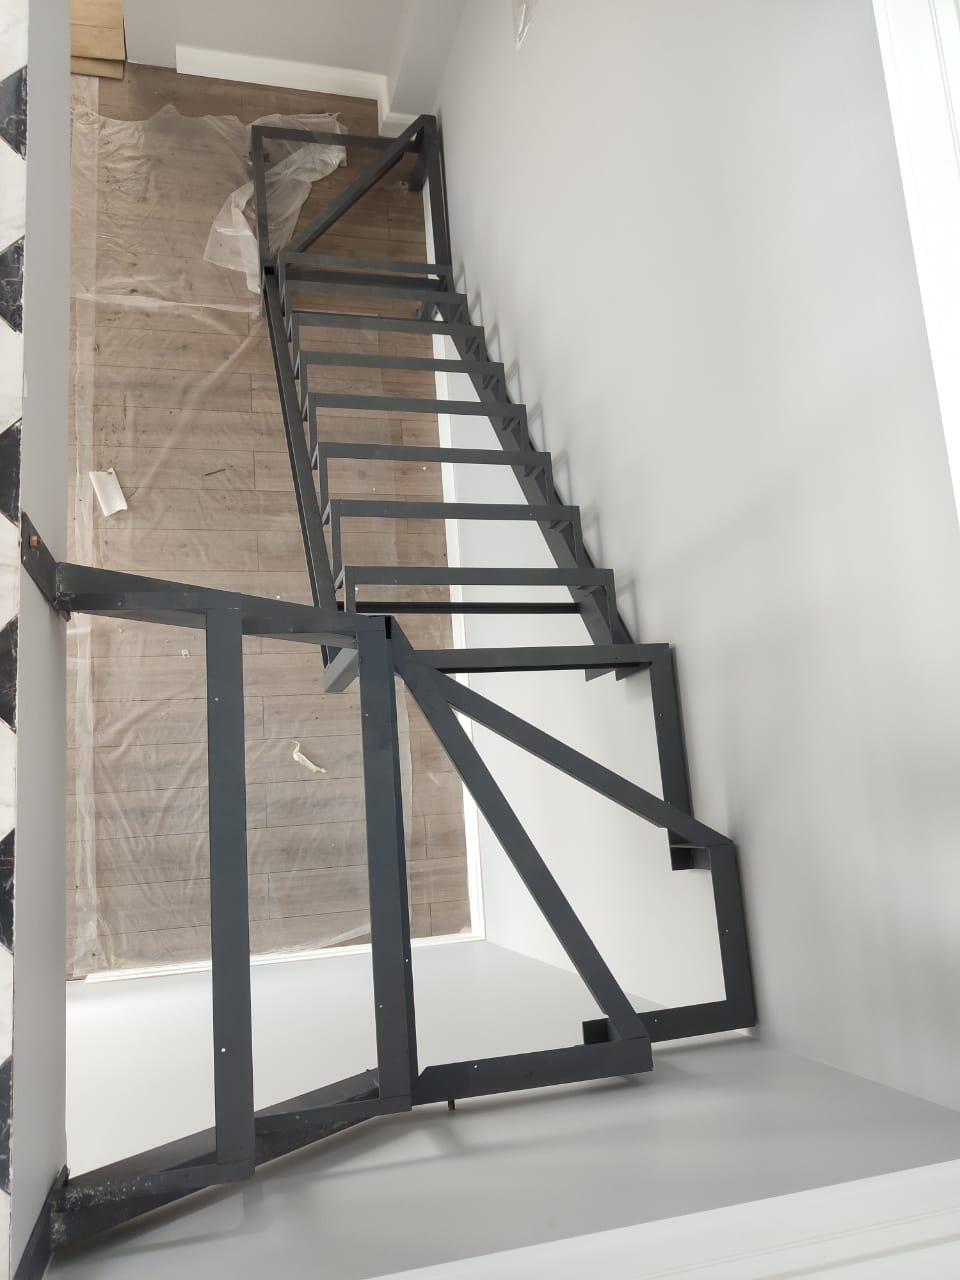 металлокаркас, лестница, каркас, закрытый тип,